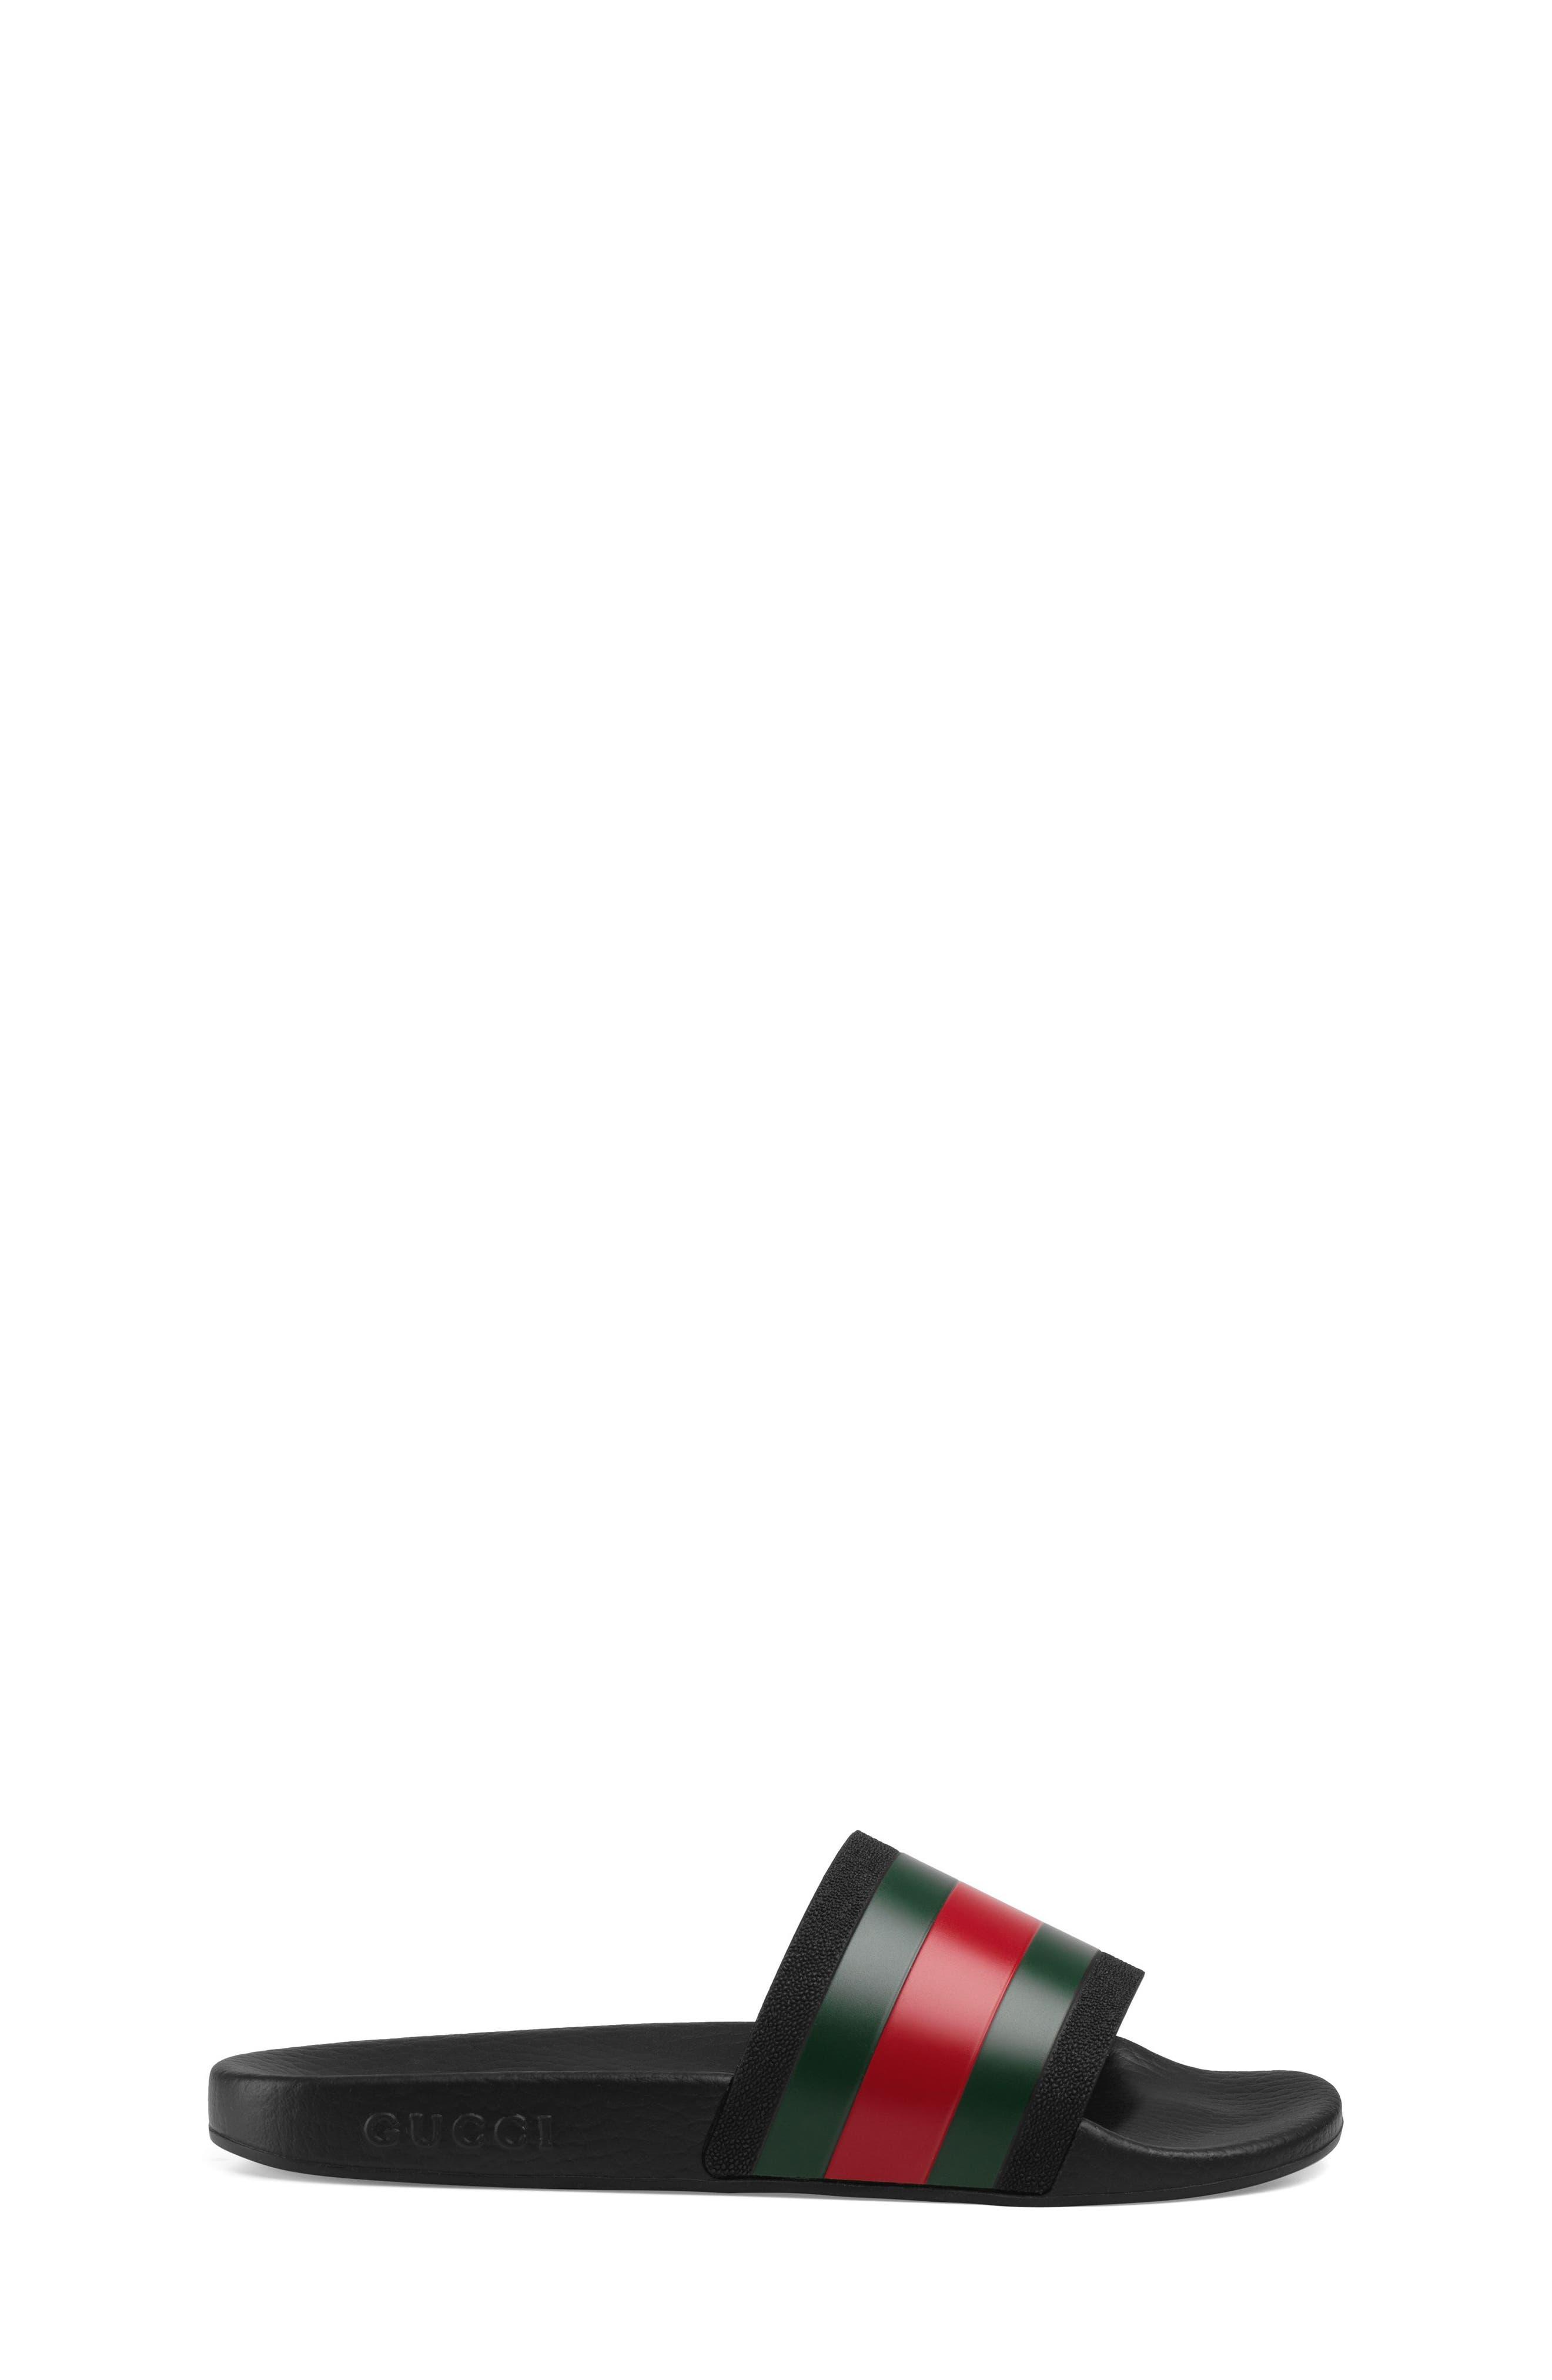 GUCCI, Pursuit Slide Sandal, Alternate thumbnail 3, color, 001